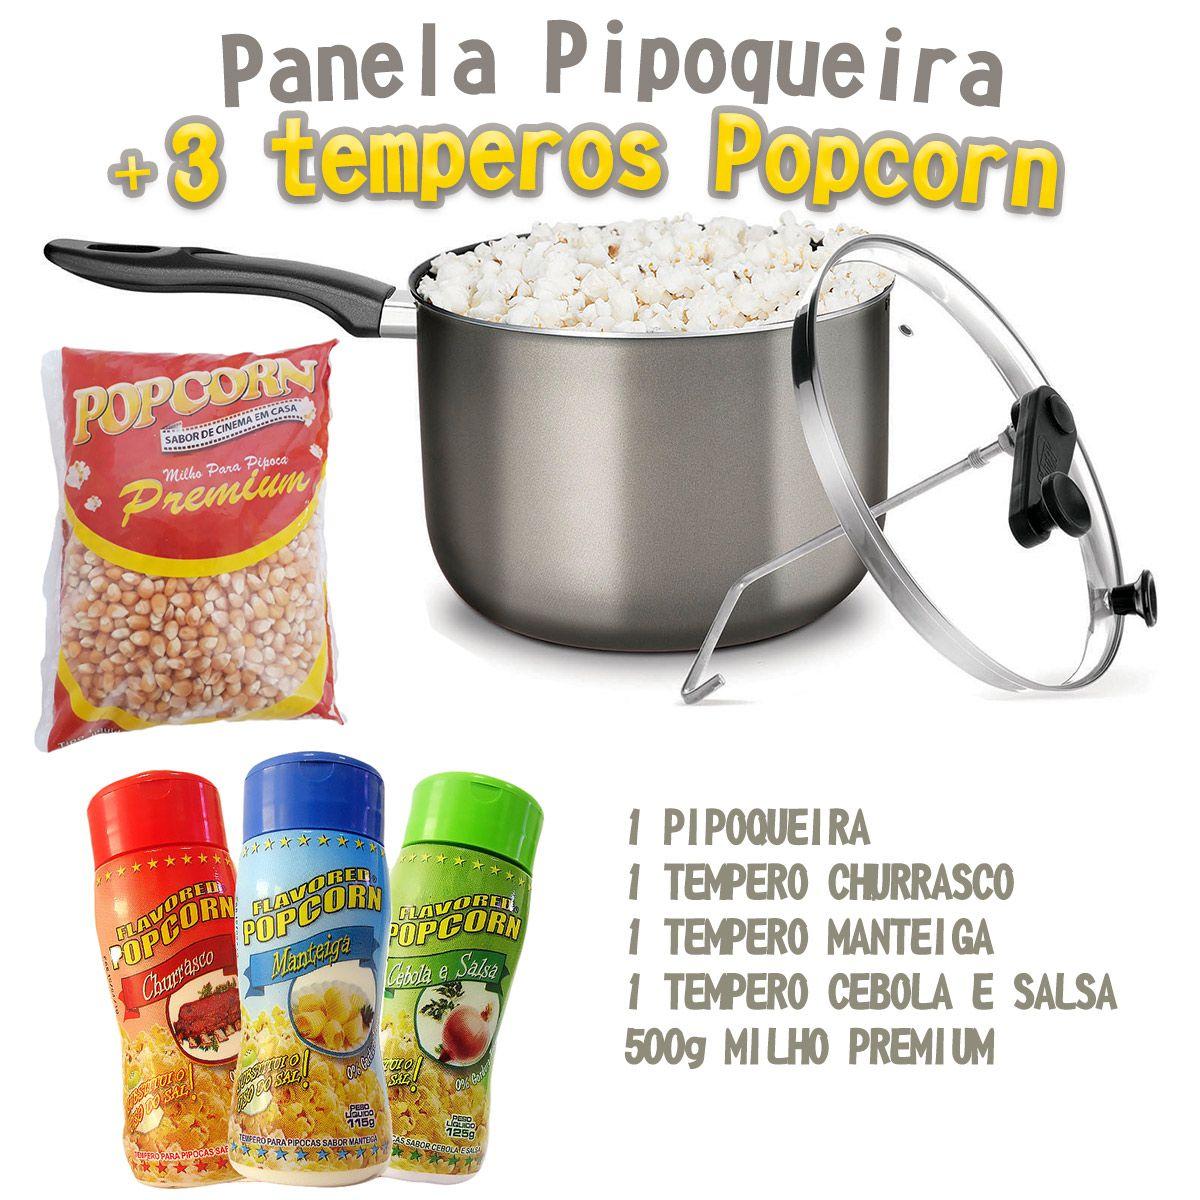 Pipoqueira + 03 temperos Popcorn + Milho Premium.